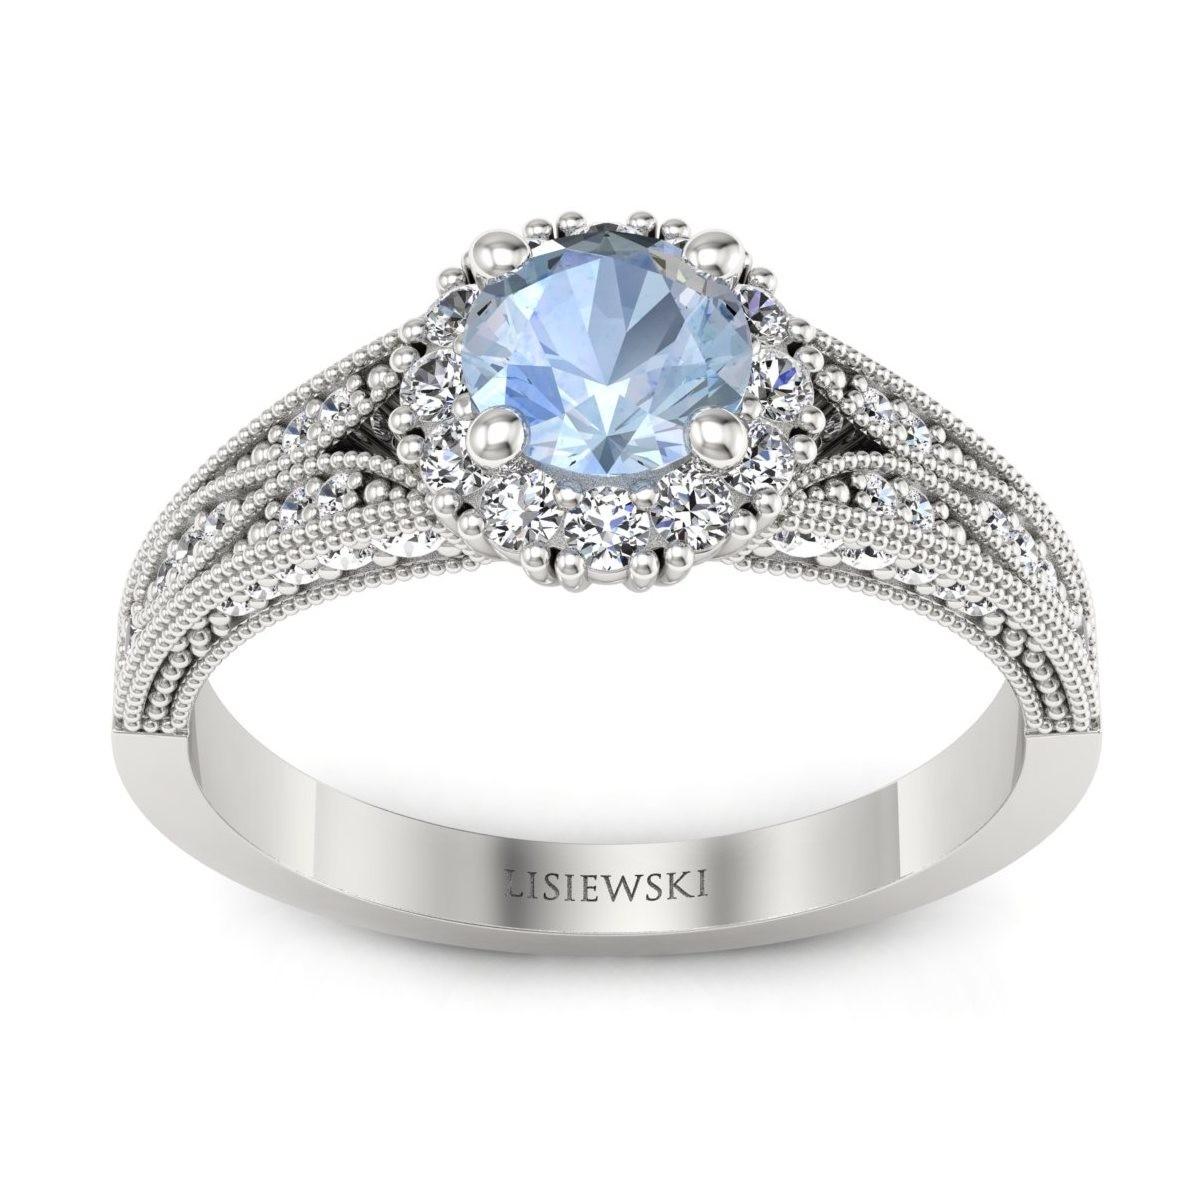 Eve - Pierścionek z akwamarynem i diamentami